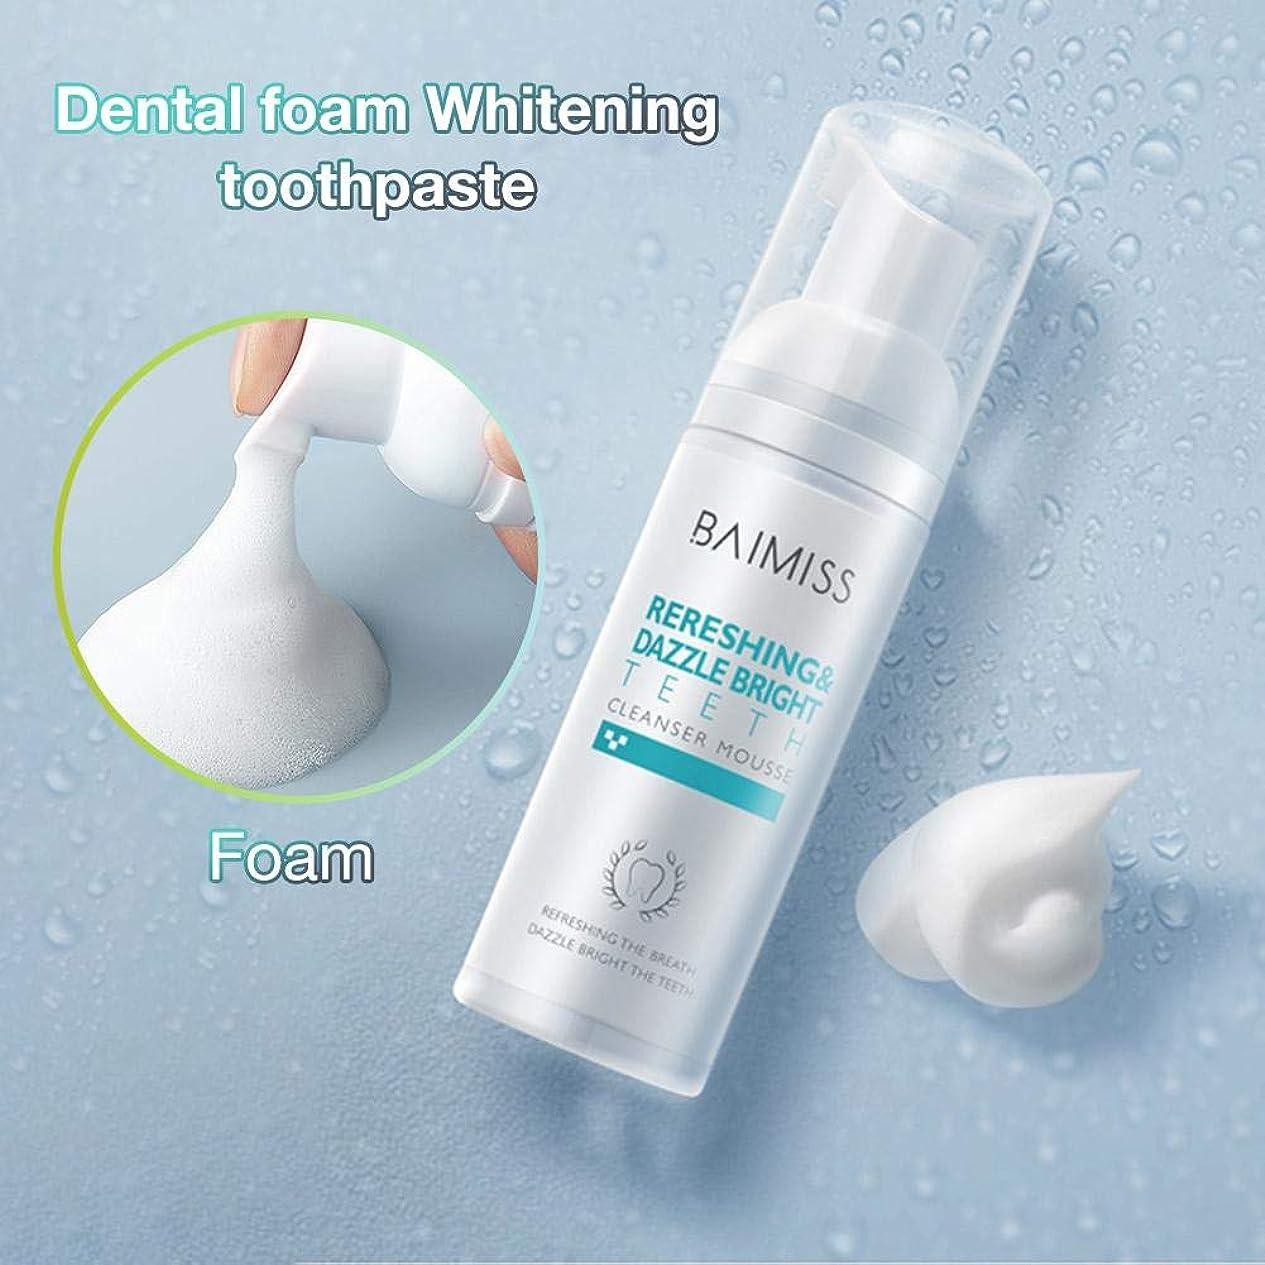 難しいアイザックジョージハンブリー歯科用フォーム液体歯磨 クリアクリーン デンタル ホワイトニング マウスウォッシュ 口内洗浄液 低刺激 60ml 口の自然な防御力を強化60ml